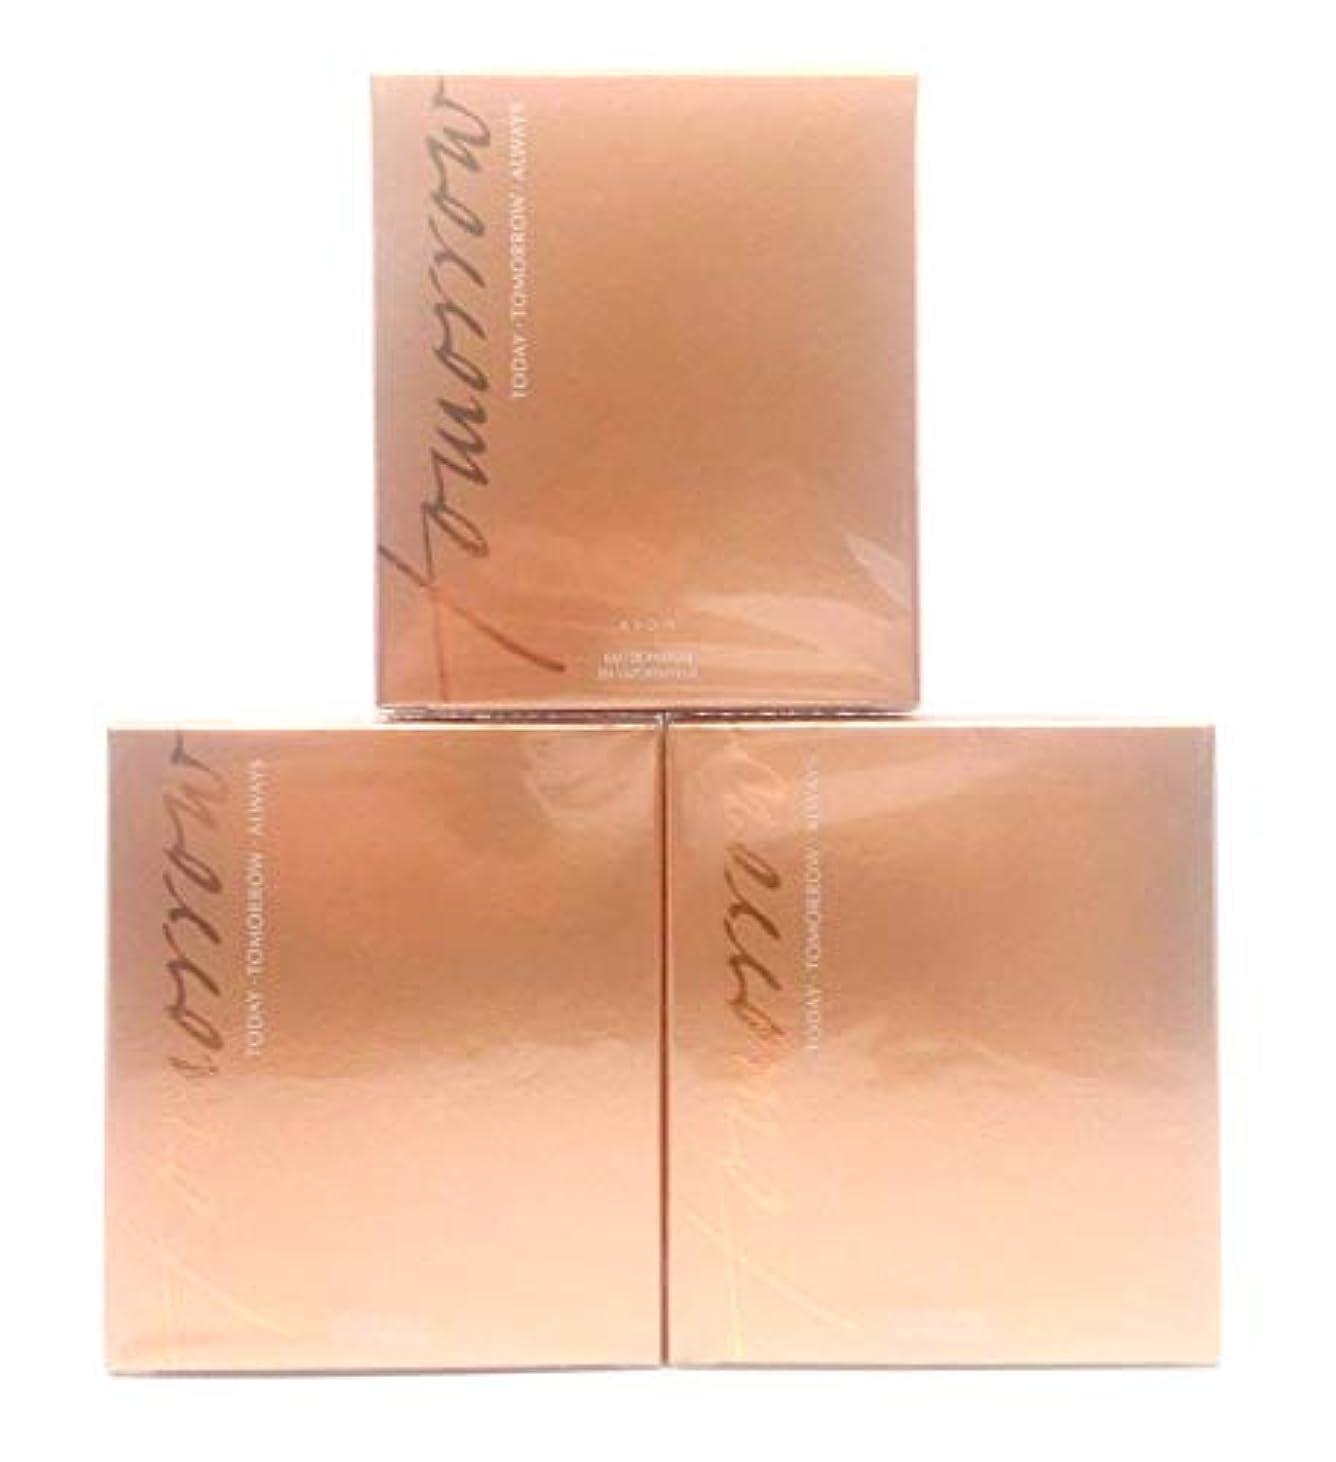 ぴかぴか通り抜ける望まない3 x AVON Today TOMORROW Always For Her Eau de Parfum 50ml